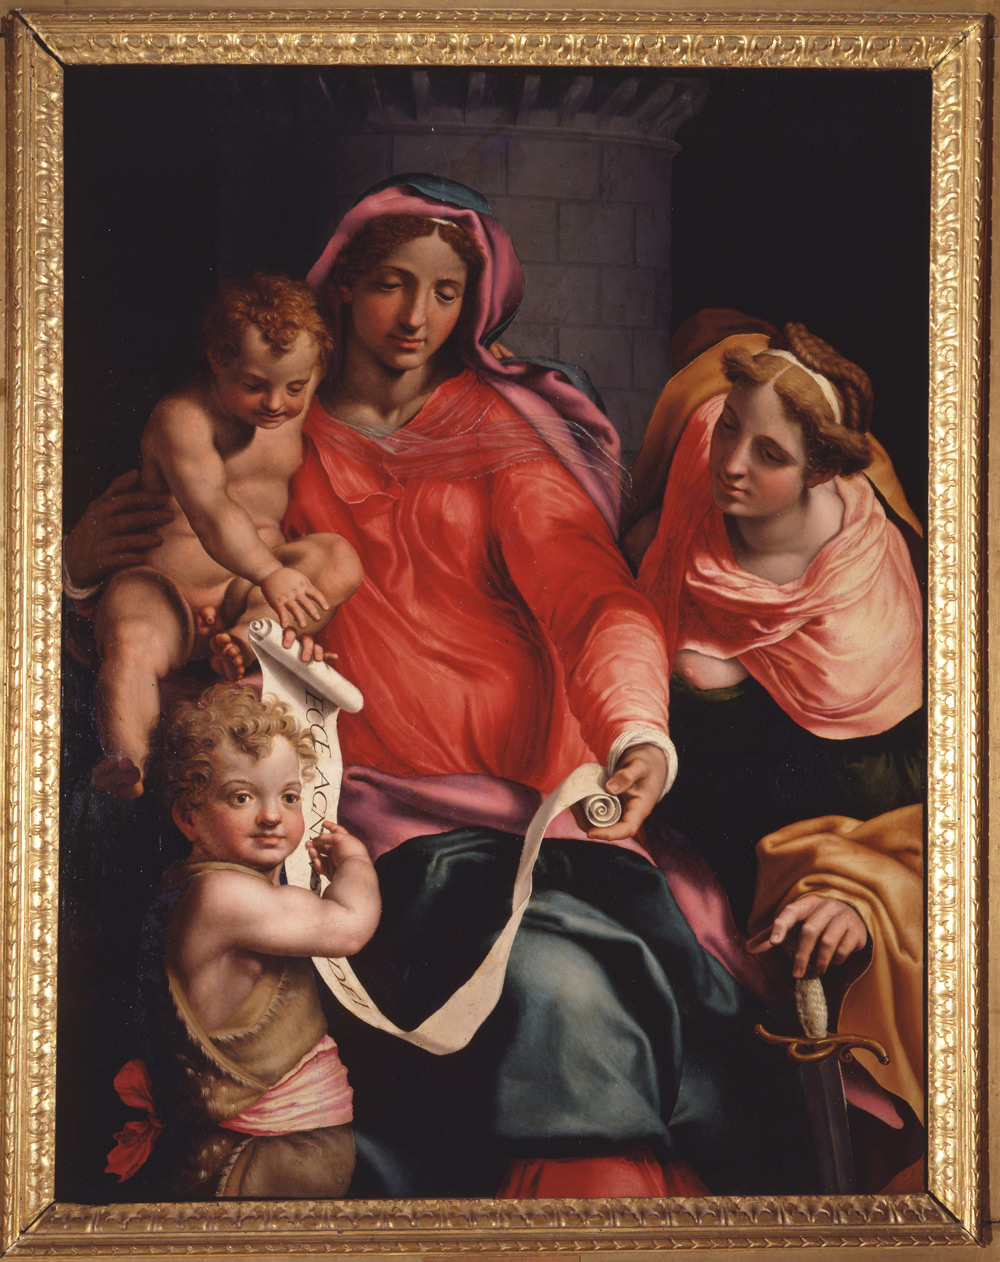 Importantissimo acquisto per gli Uffizi, arriva la Madonna di Daniele da Volterra: riuniti i capolavori d'Elci